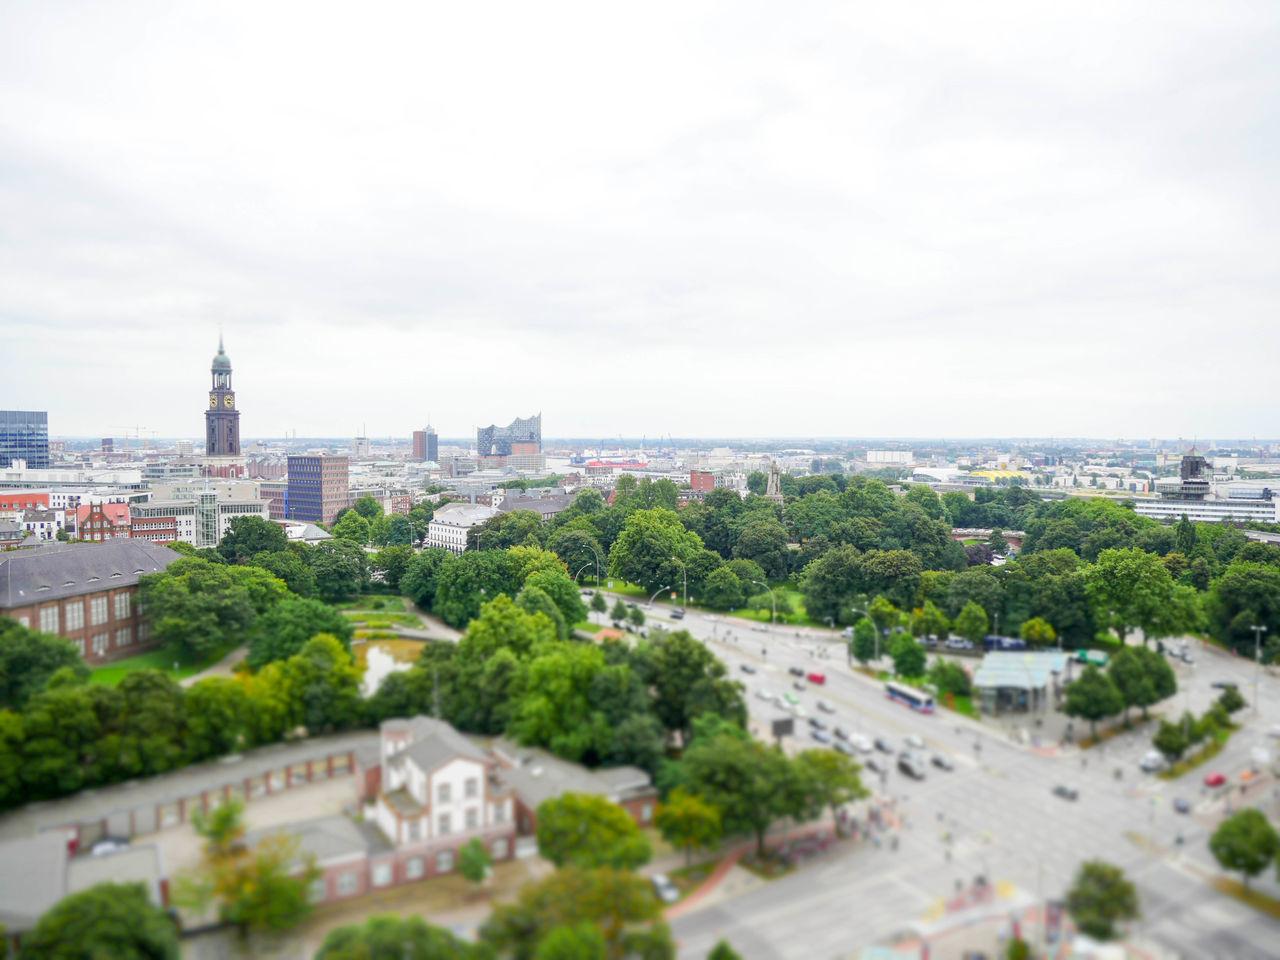 Tilt Shift Image Of City Against Sky